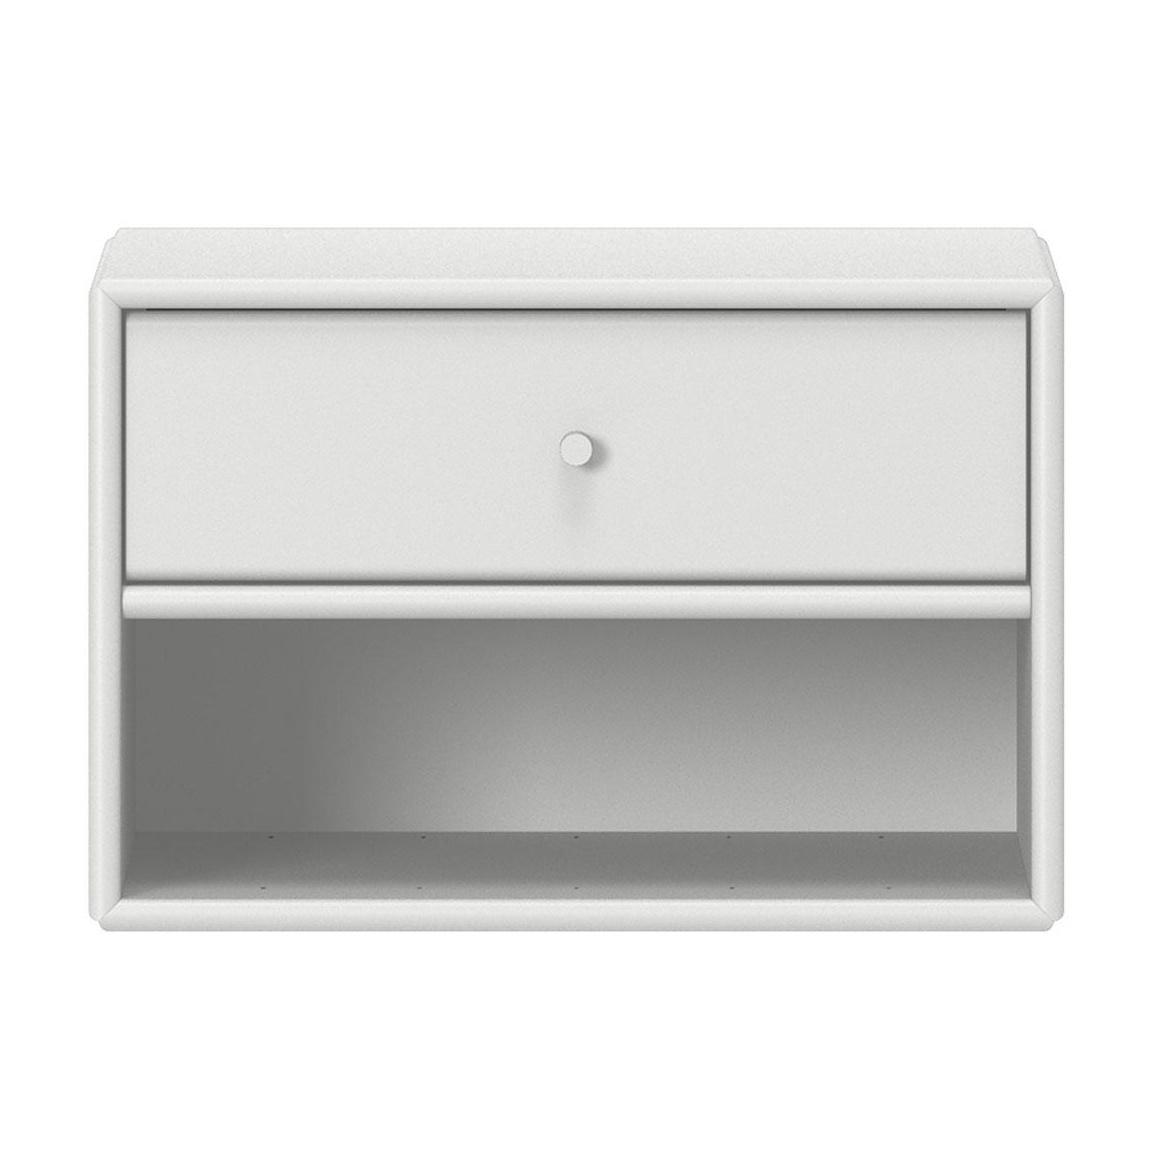 Montana - Dash Nachttisch - new white 101/lackiert/BxHxT 35|4x24x30cm | Schlafzimmer > Nachttische | New white 101 | Mdf platte | Montana